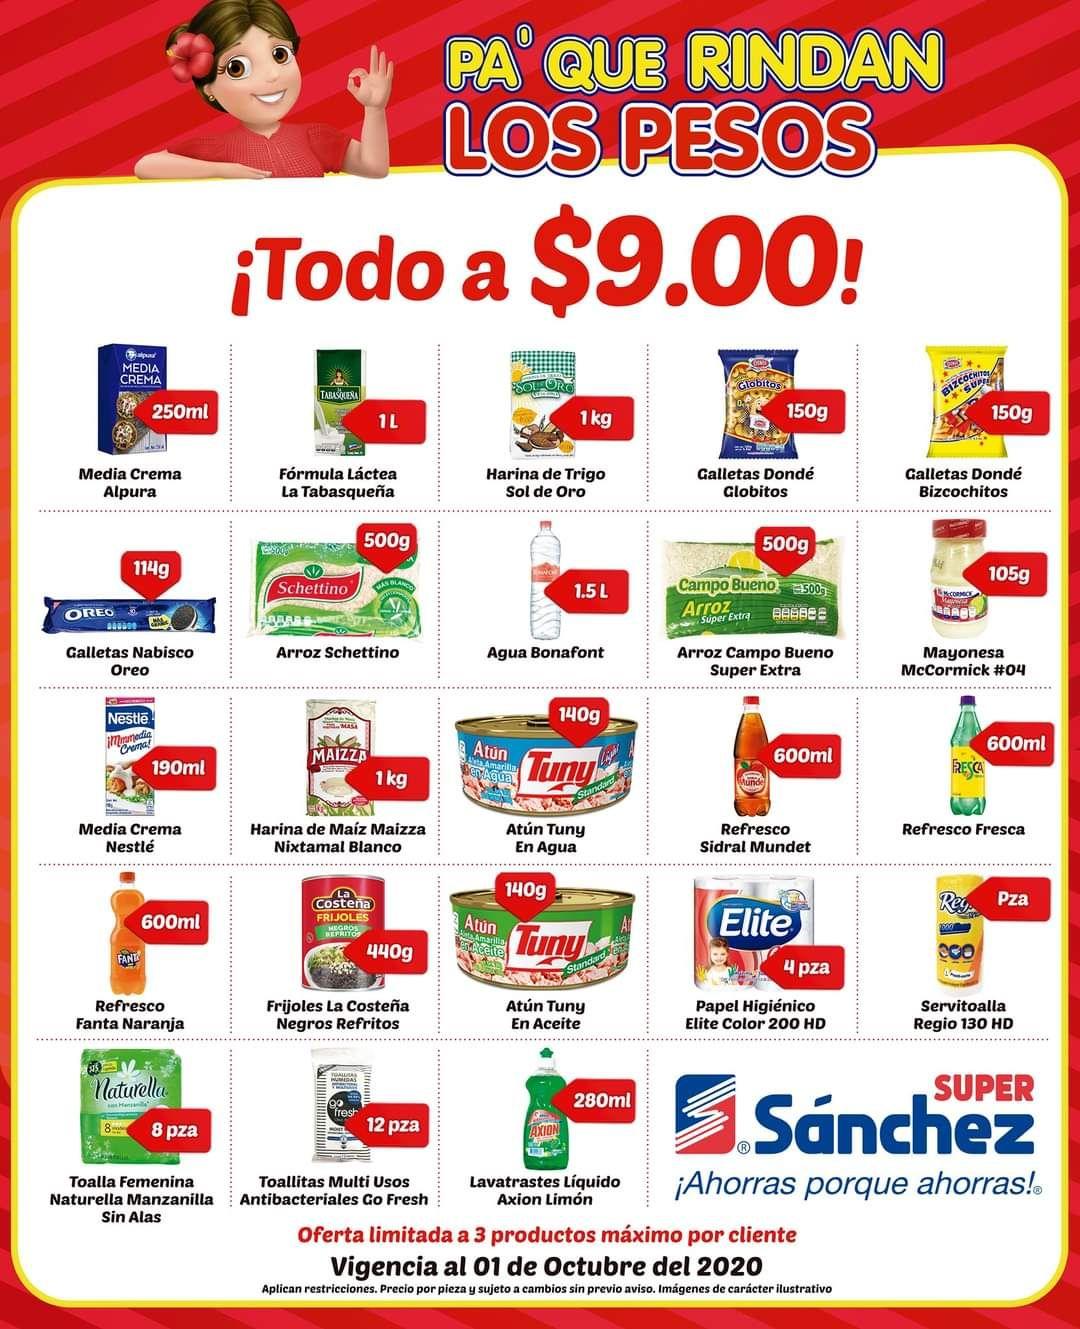 Super Sánchez: Productos a $9 (descripción)